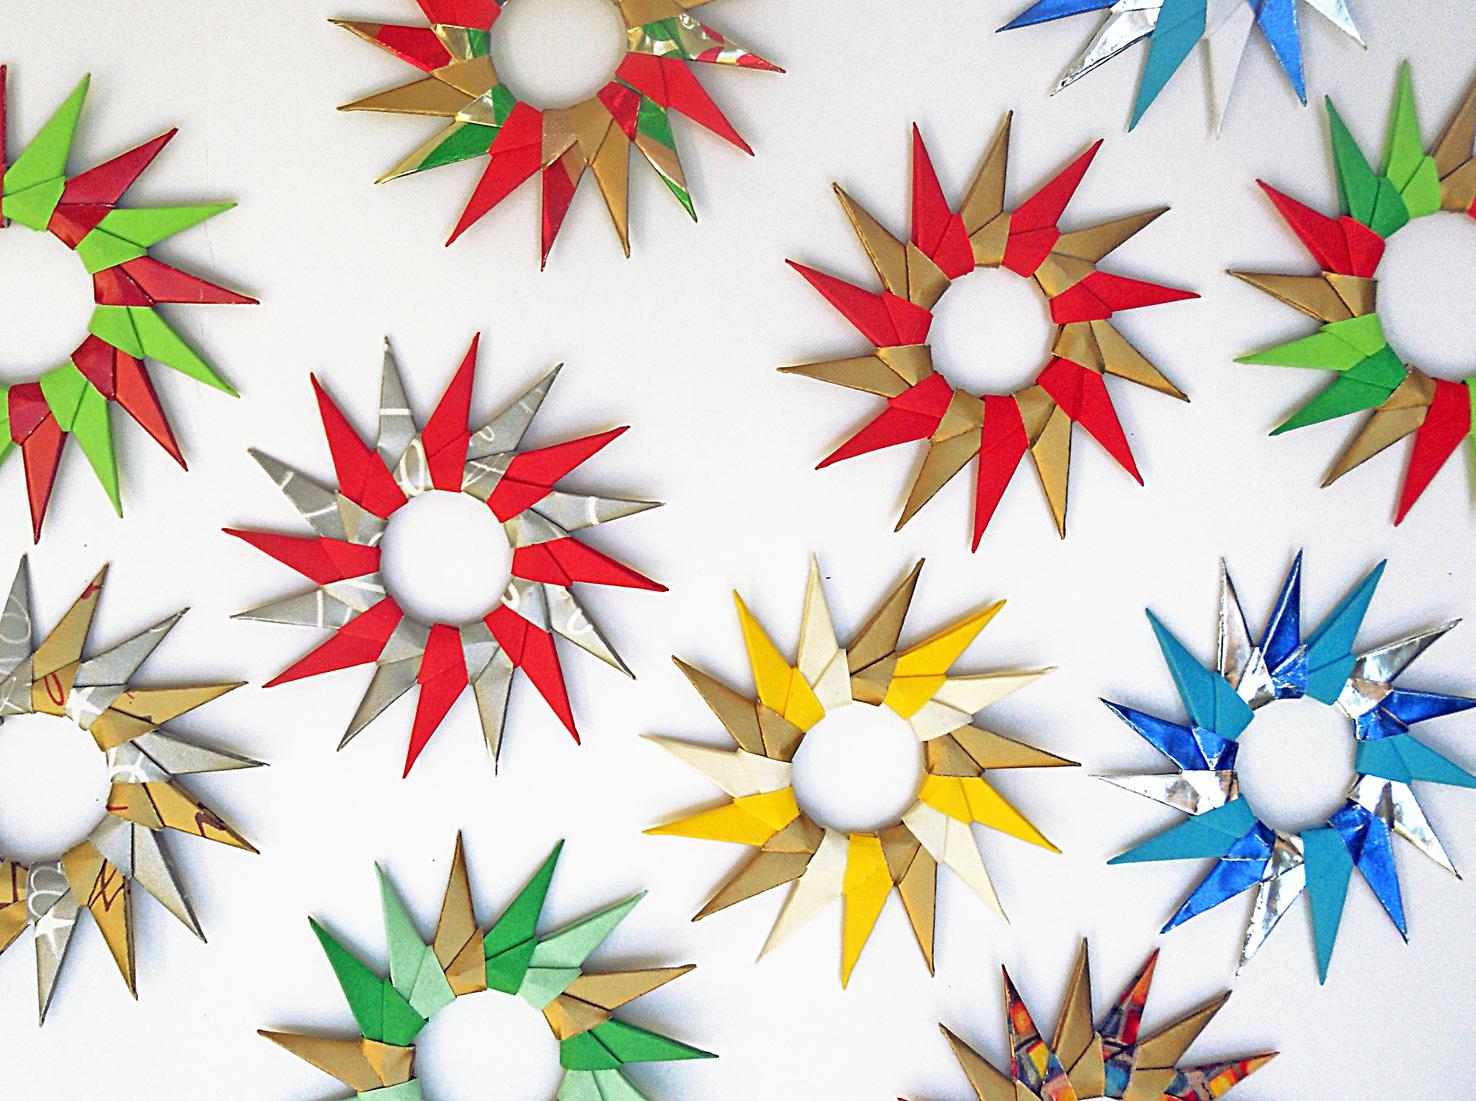 Mas origami estrella modular 16 puntas - Origami de una estrella ...